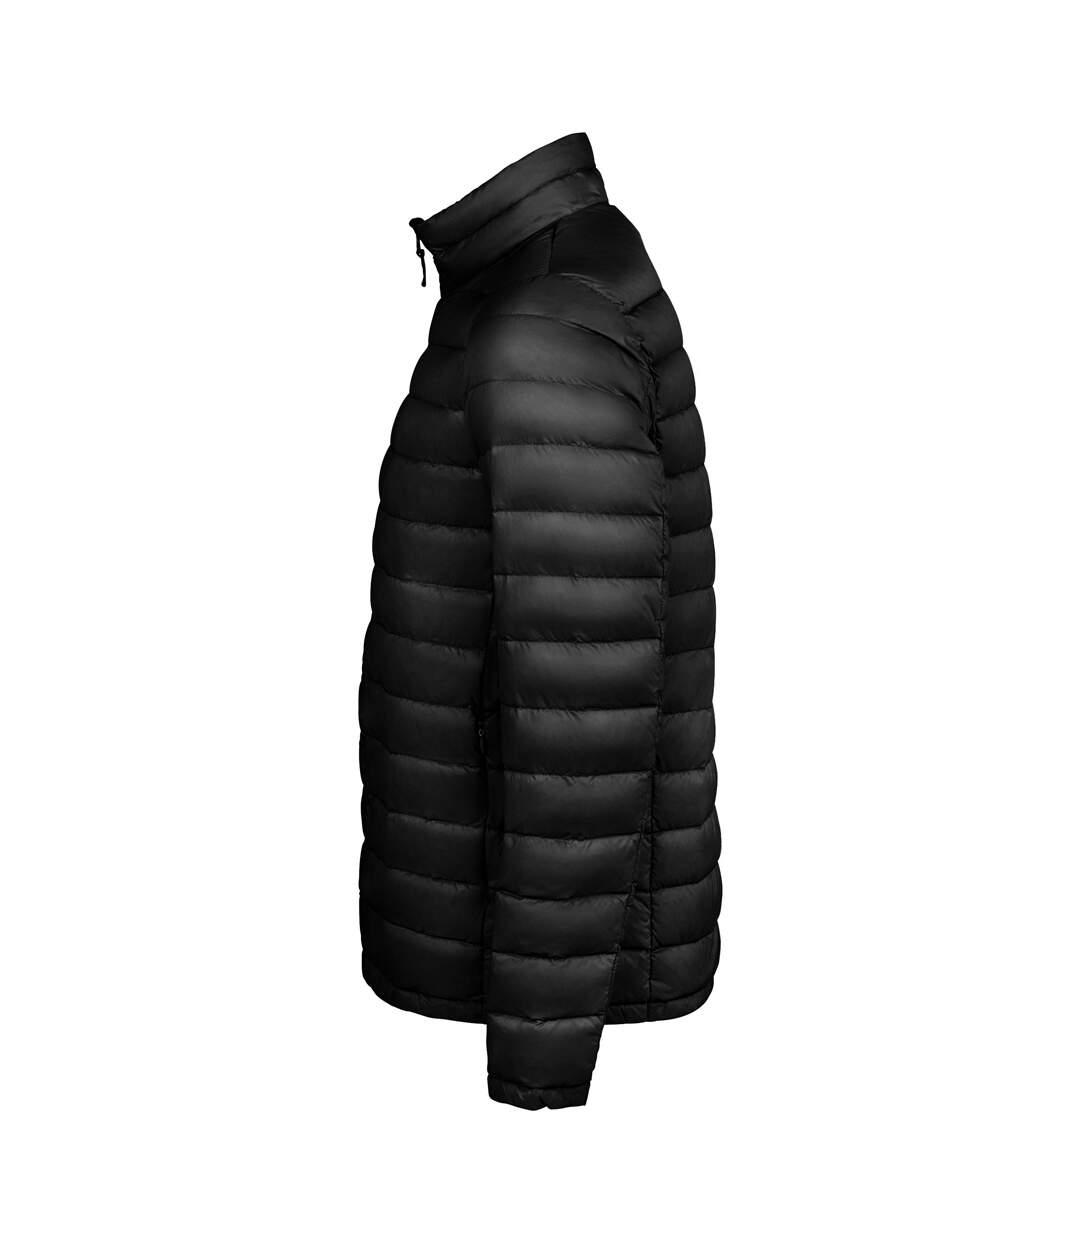 SOLS Mens Wilson Lightweight Padded Jacket (Black) - UTPC3316